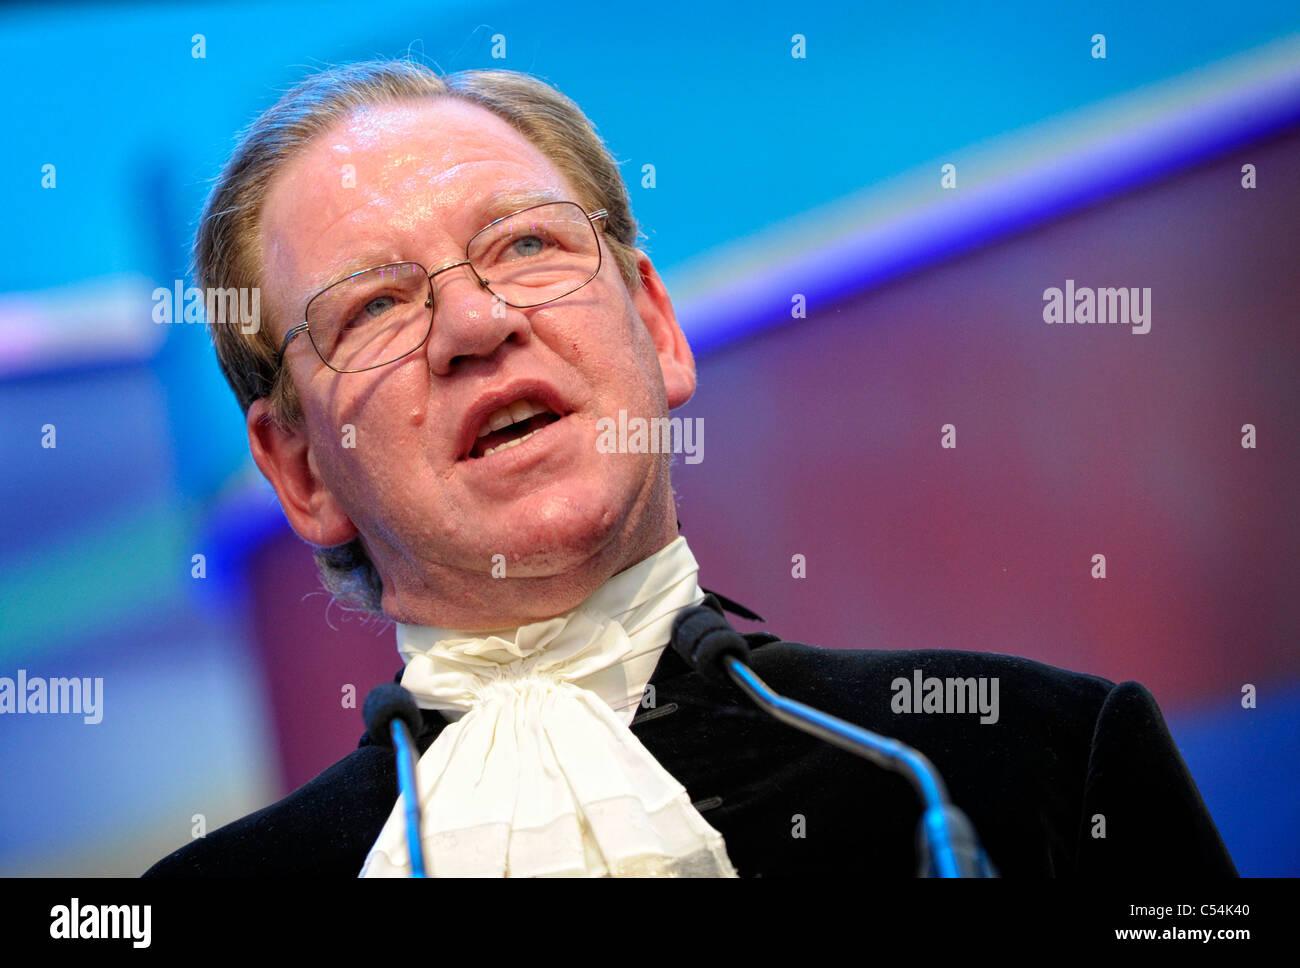 Lloyd Fitzhugh OBE High Sherrif of Clwyd, speaking at the 2011 Llangollen International Musical Eisteddfod - Stock Image